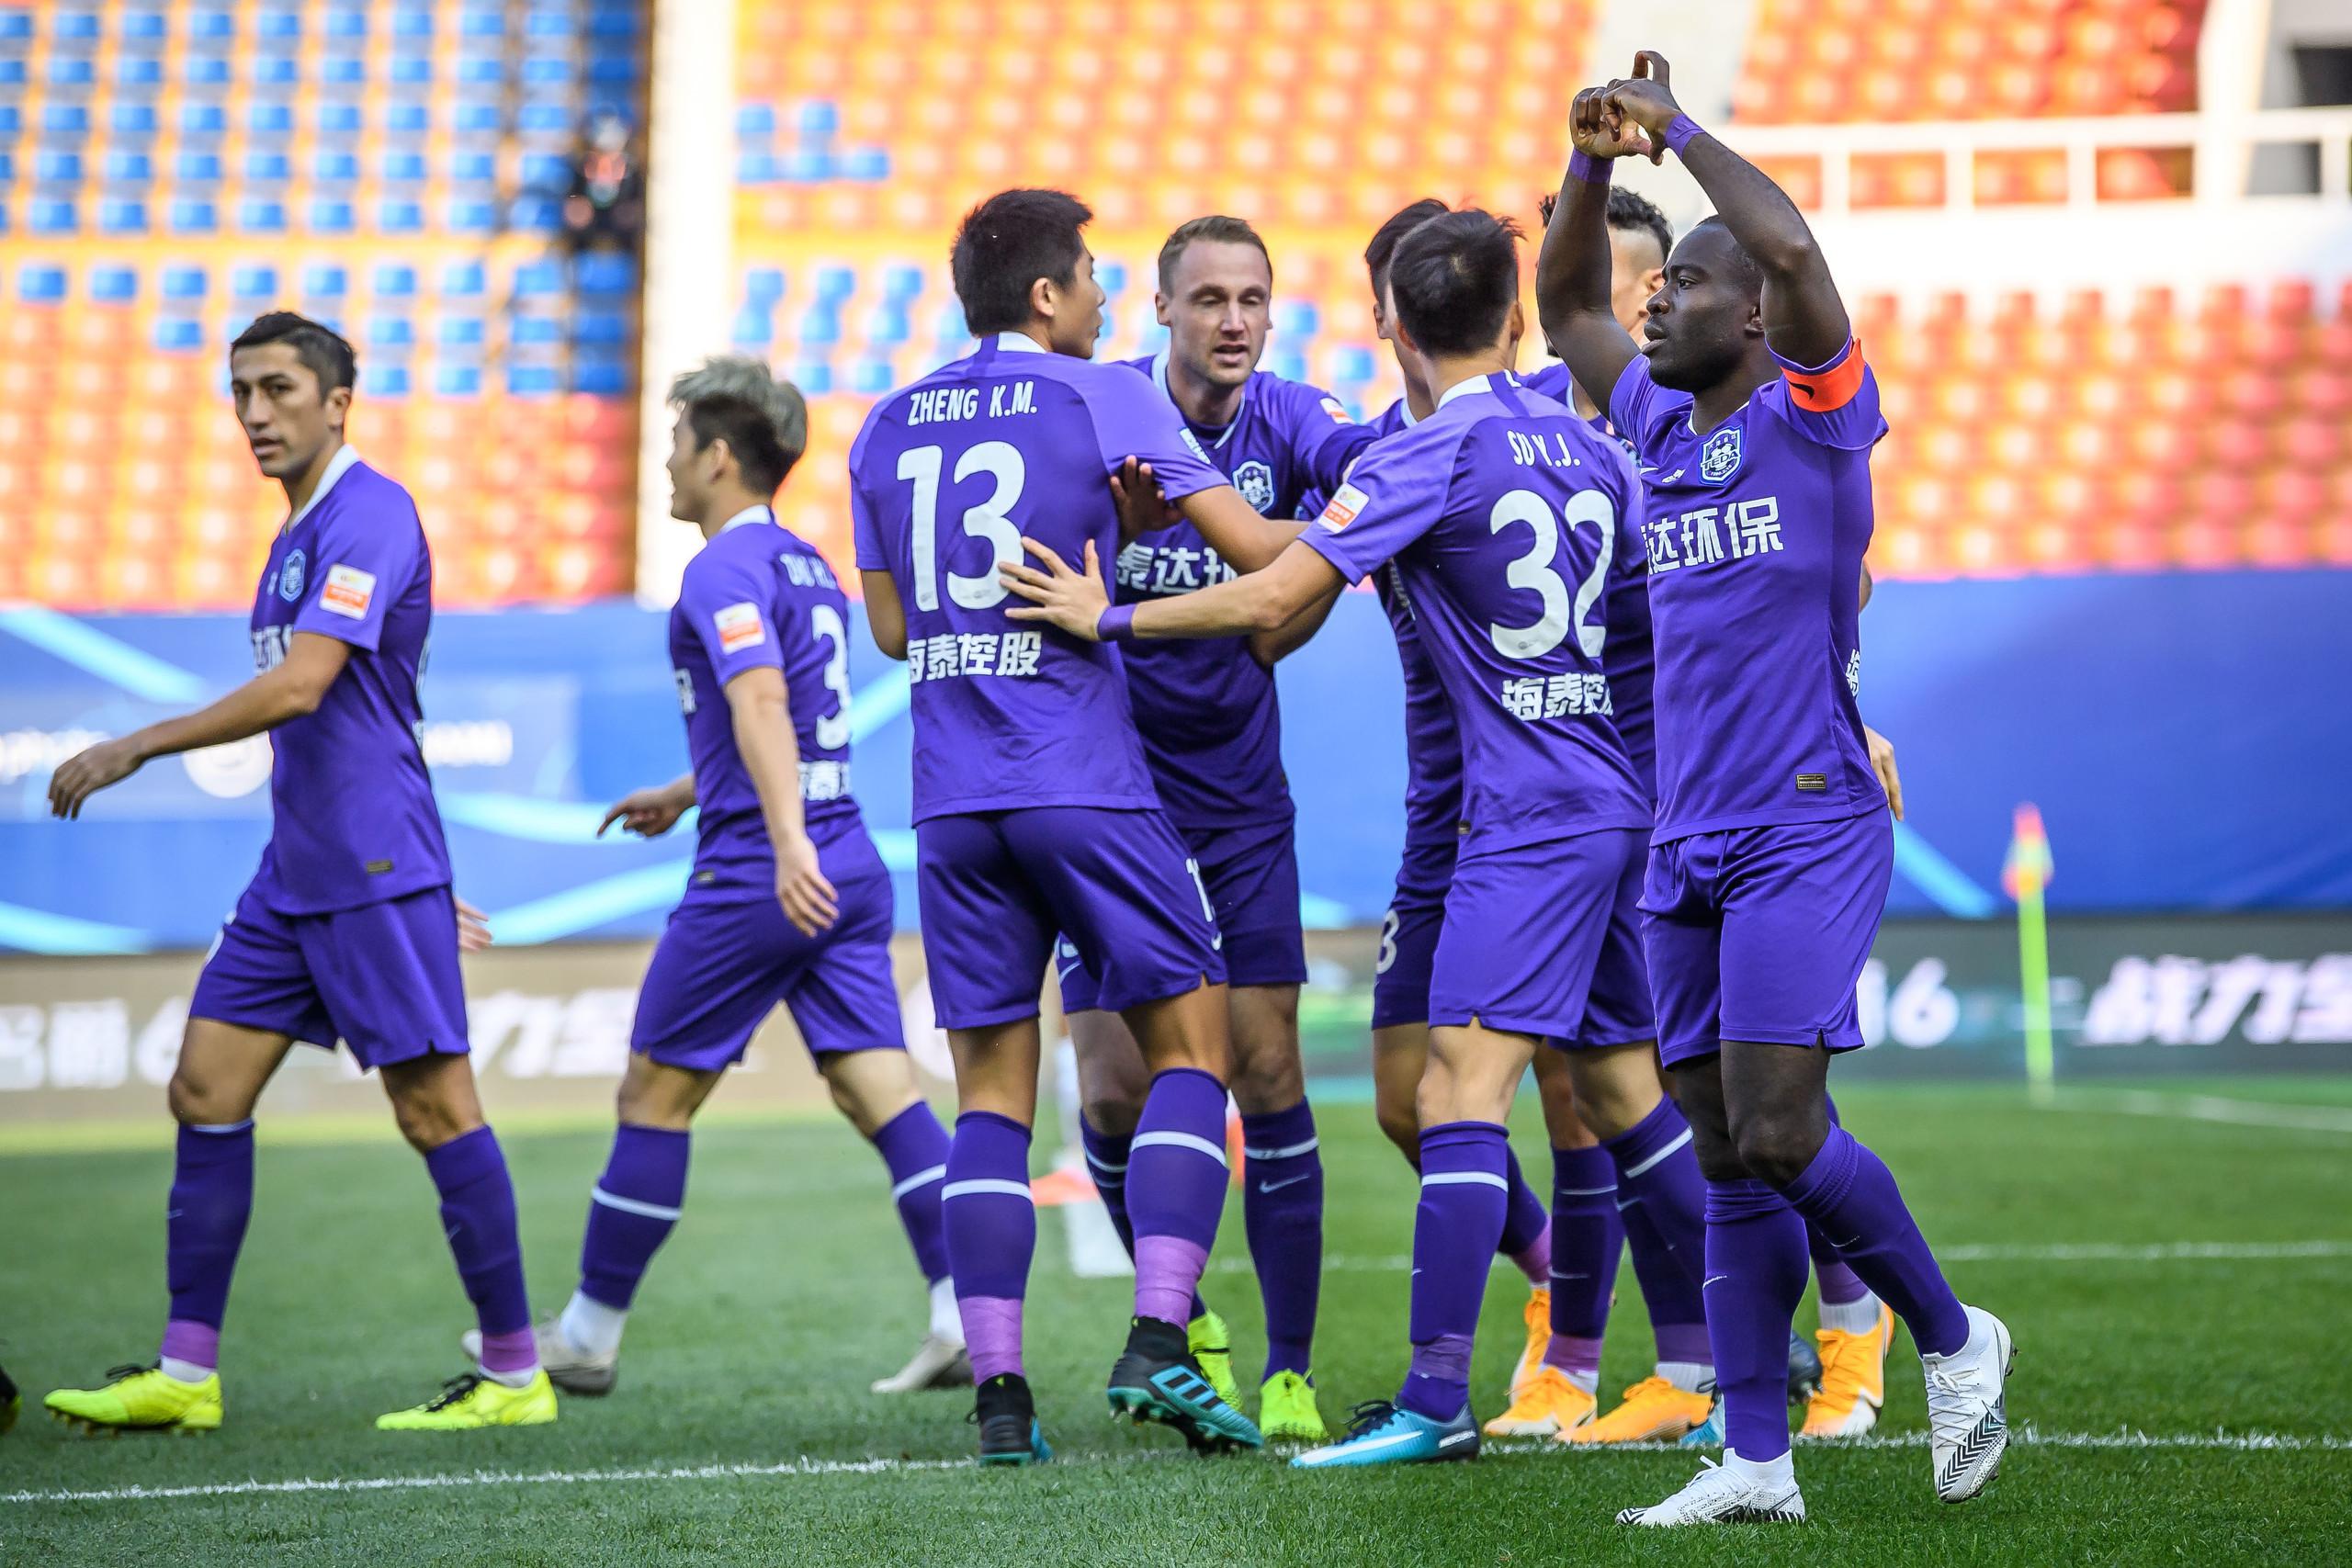 半场:郜林停球失误阿奇姆彭反击破门,泰达1-0深圳